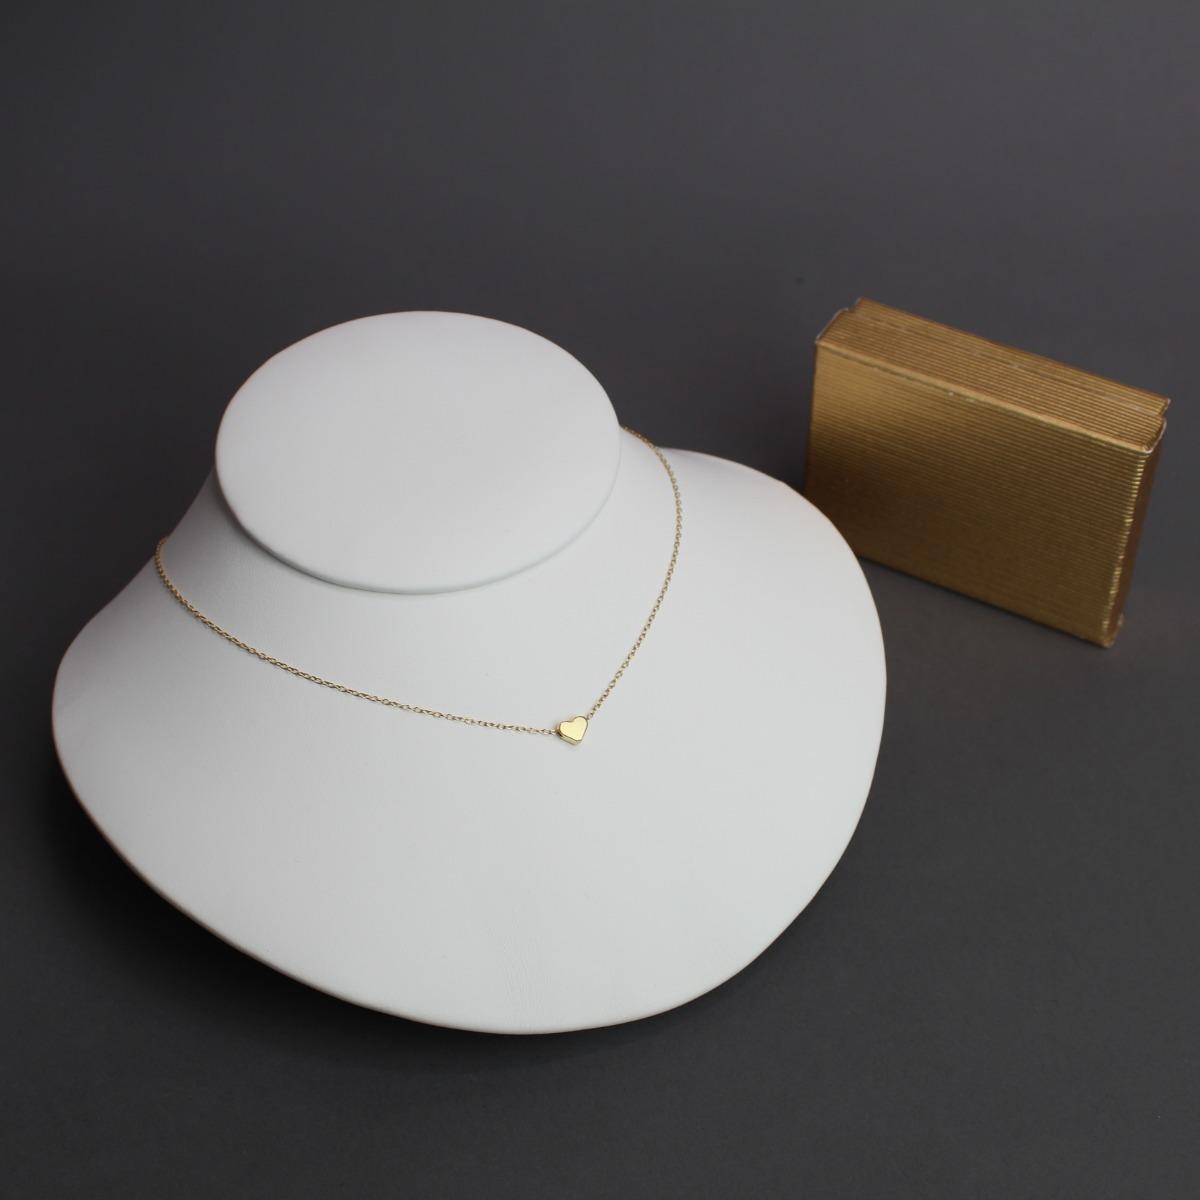 c2f51af11df2 Collar Corazón Mini Chapa De Oro De 22k -   255.00 en Mercado Libre